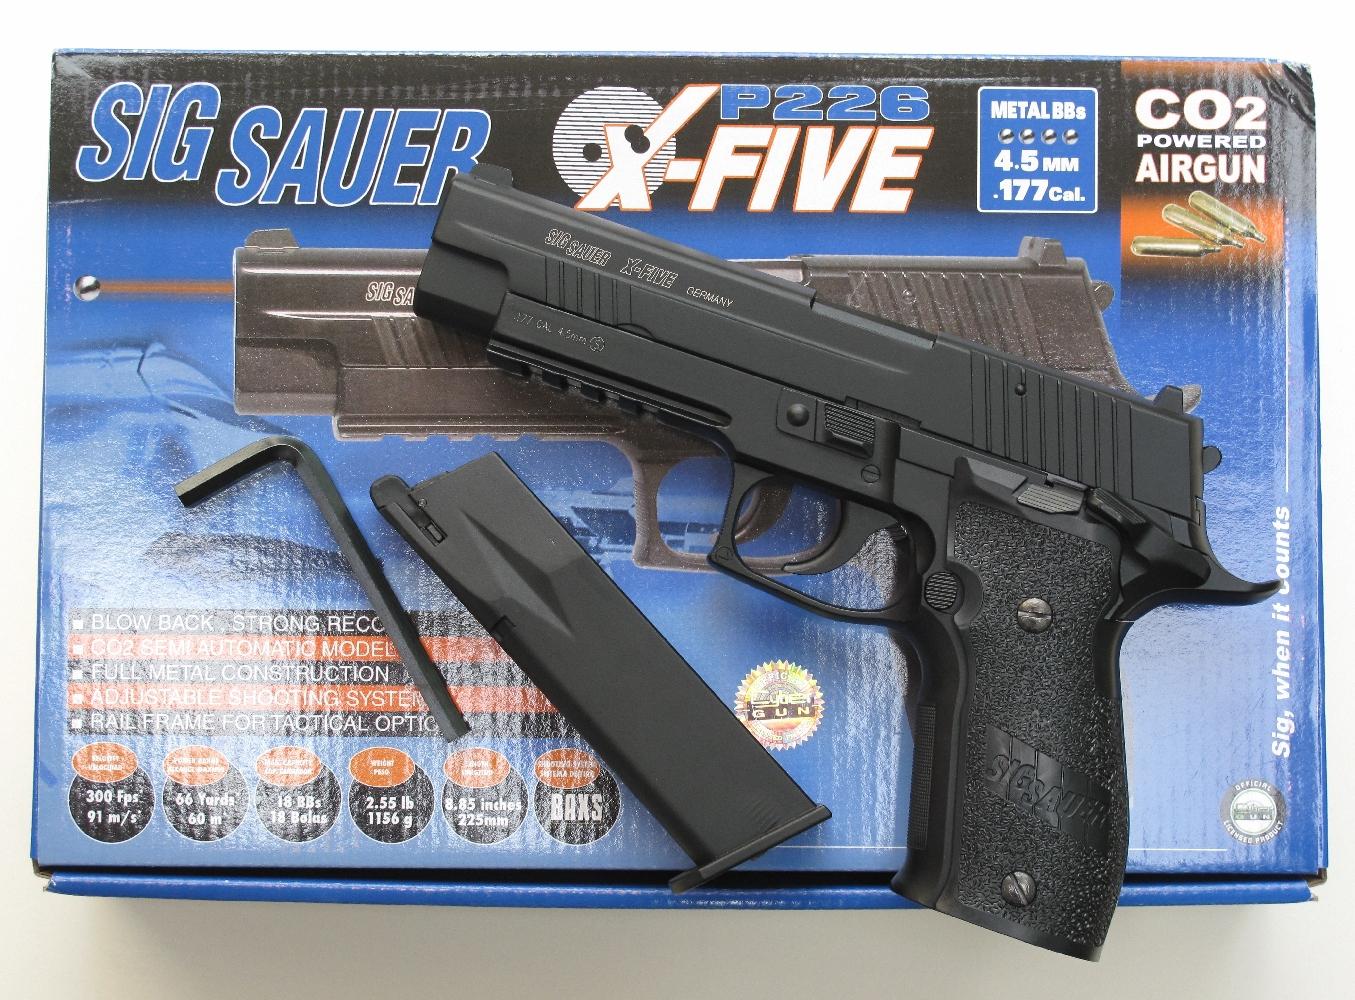 Cette reproduction du Sig-Sauer P226 « X-Five » dispose d'une lourde culasse en métal qui, grâce à son système « Blowback », recule au départ du coup pour procurer au tireur une impression de recul et de relèvement au réalisme assez convaincant.